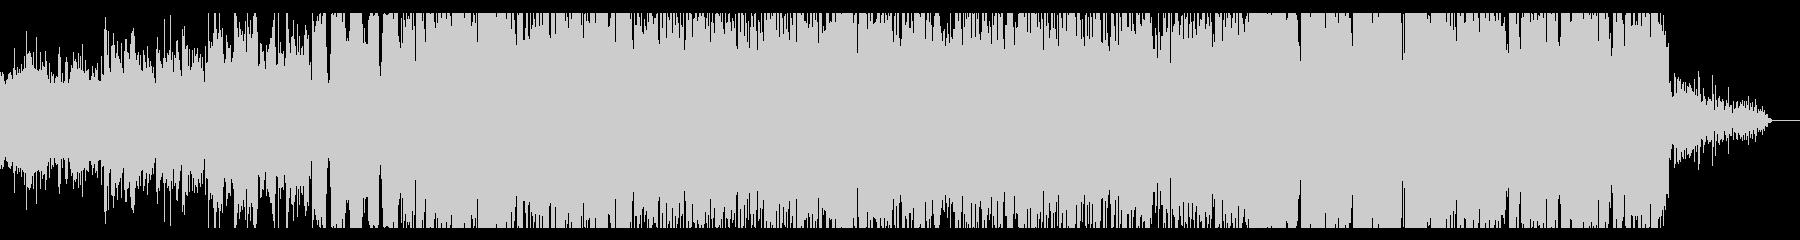 ノイジーなリズムのアンビエントIDMの未再生の波形